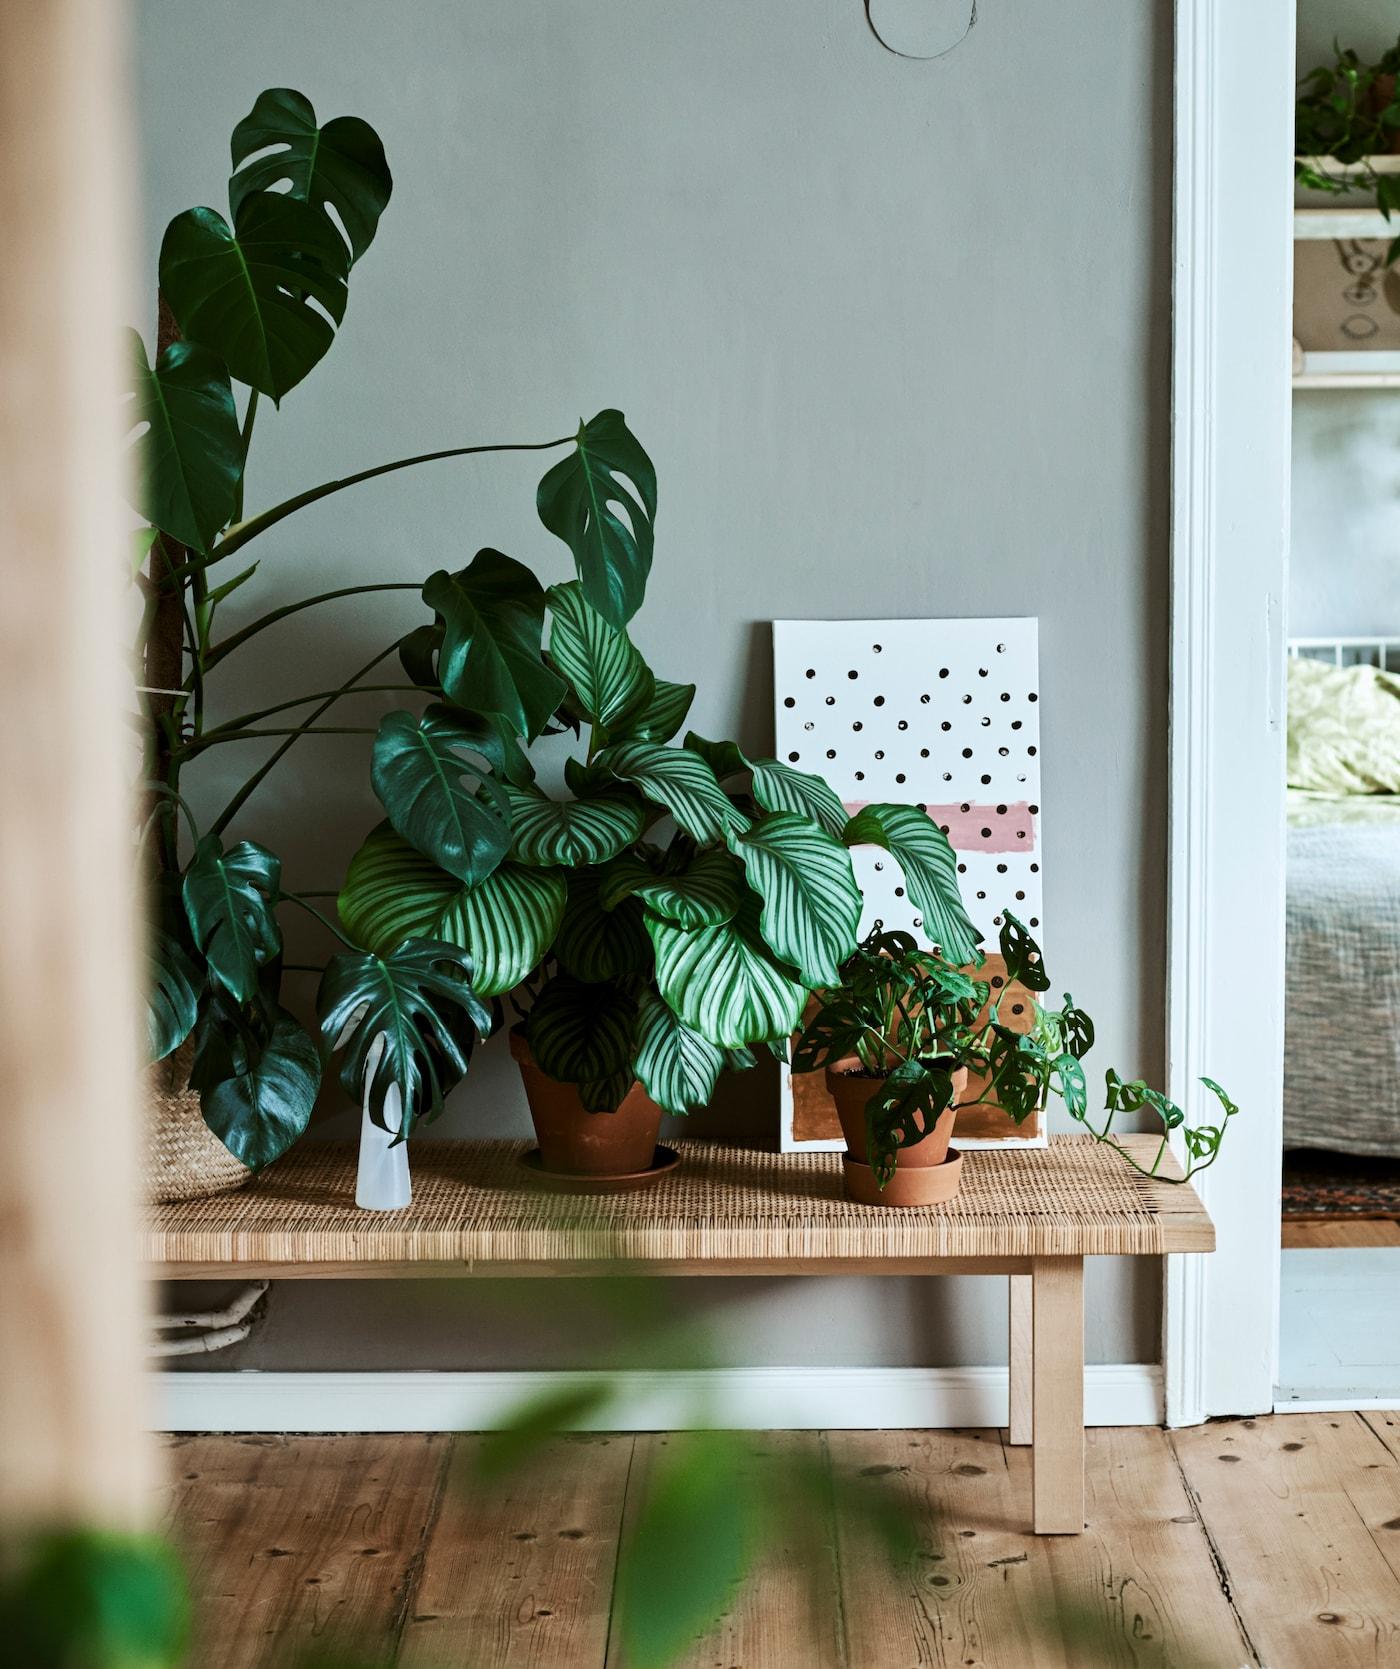 Plantas de interior: guía fácil para inexpertos IKEA